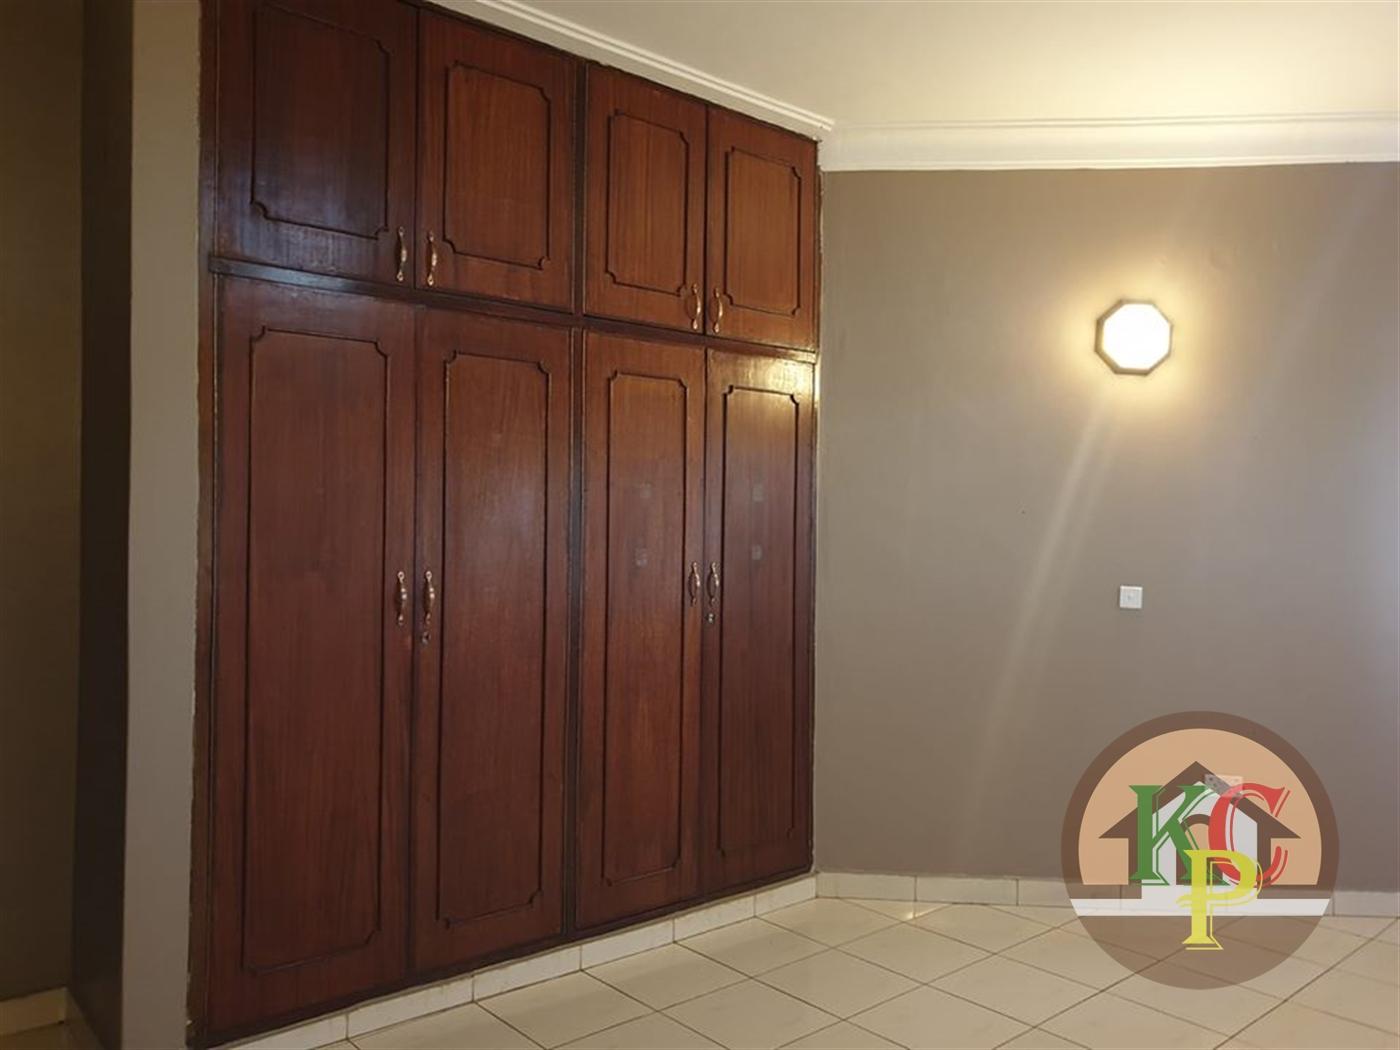 Mansion for rent in Nalufenya Jinja